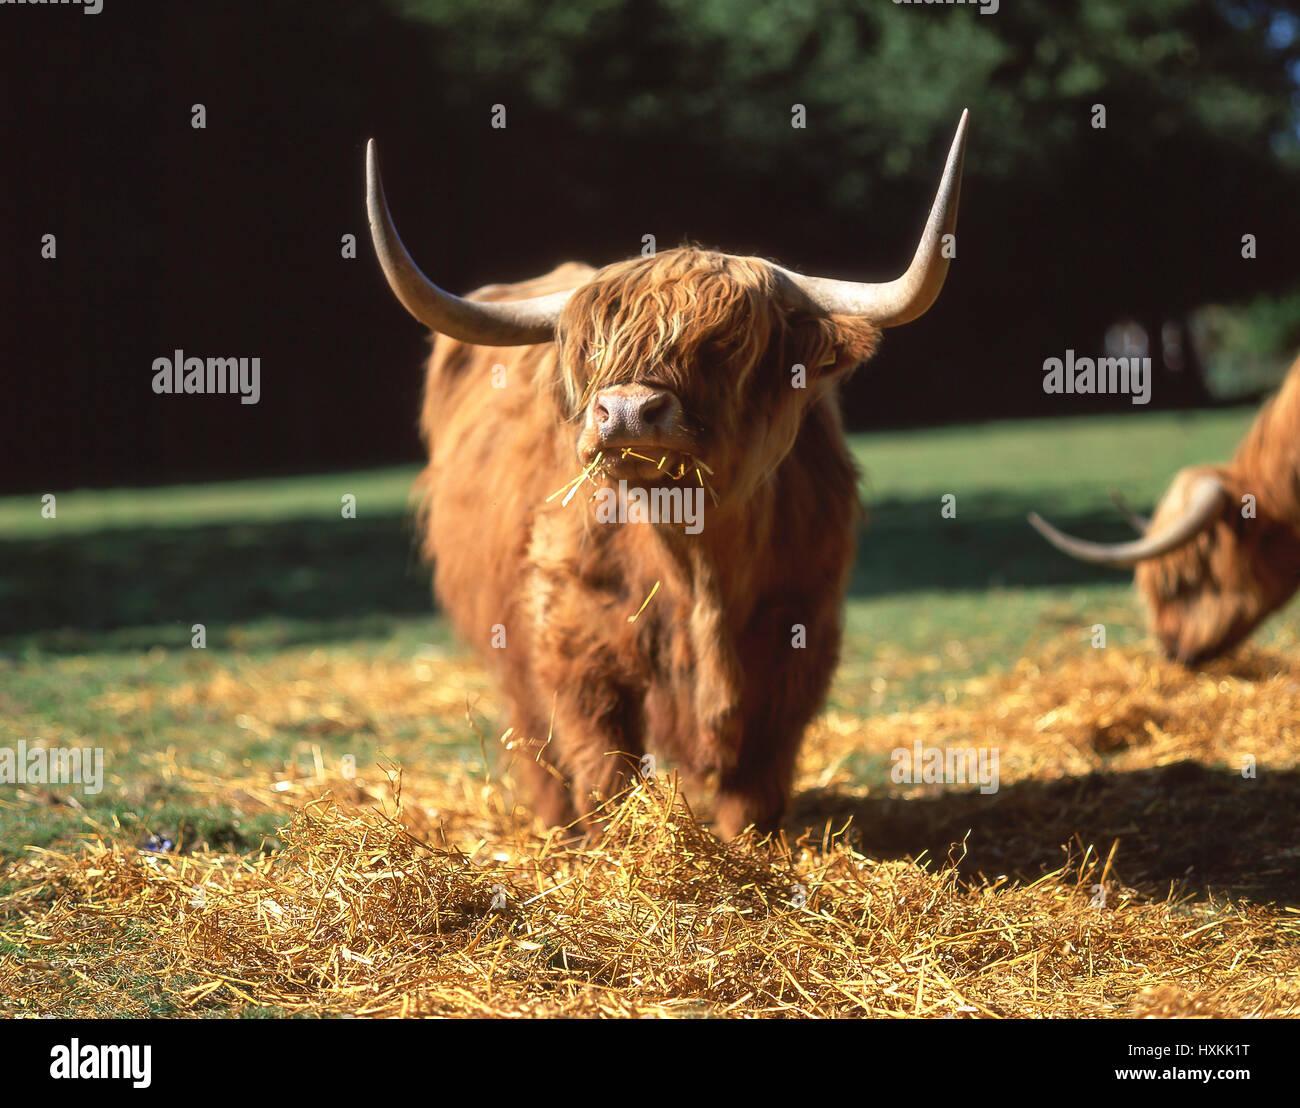 Highland cattle feeding, Highland, Scotland, United Kingdom - Stock Image